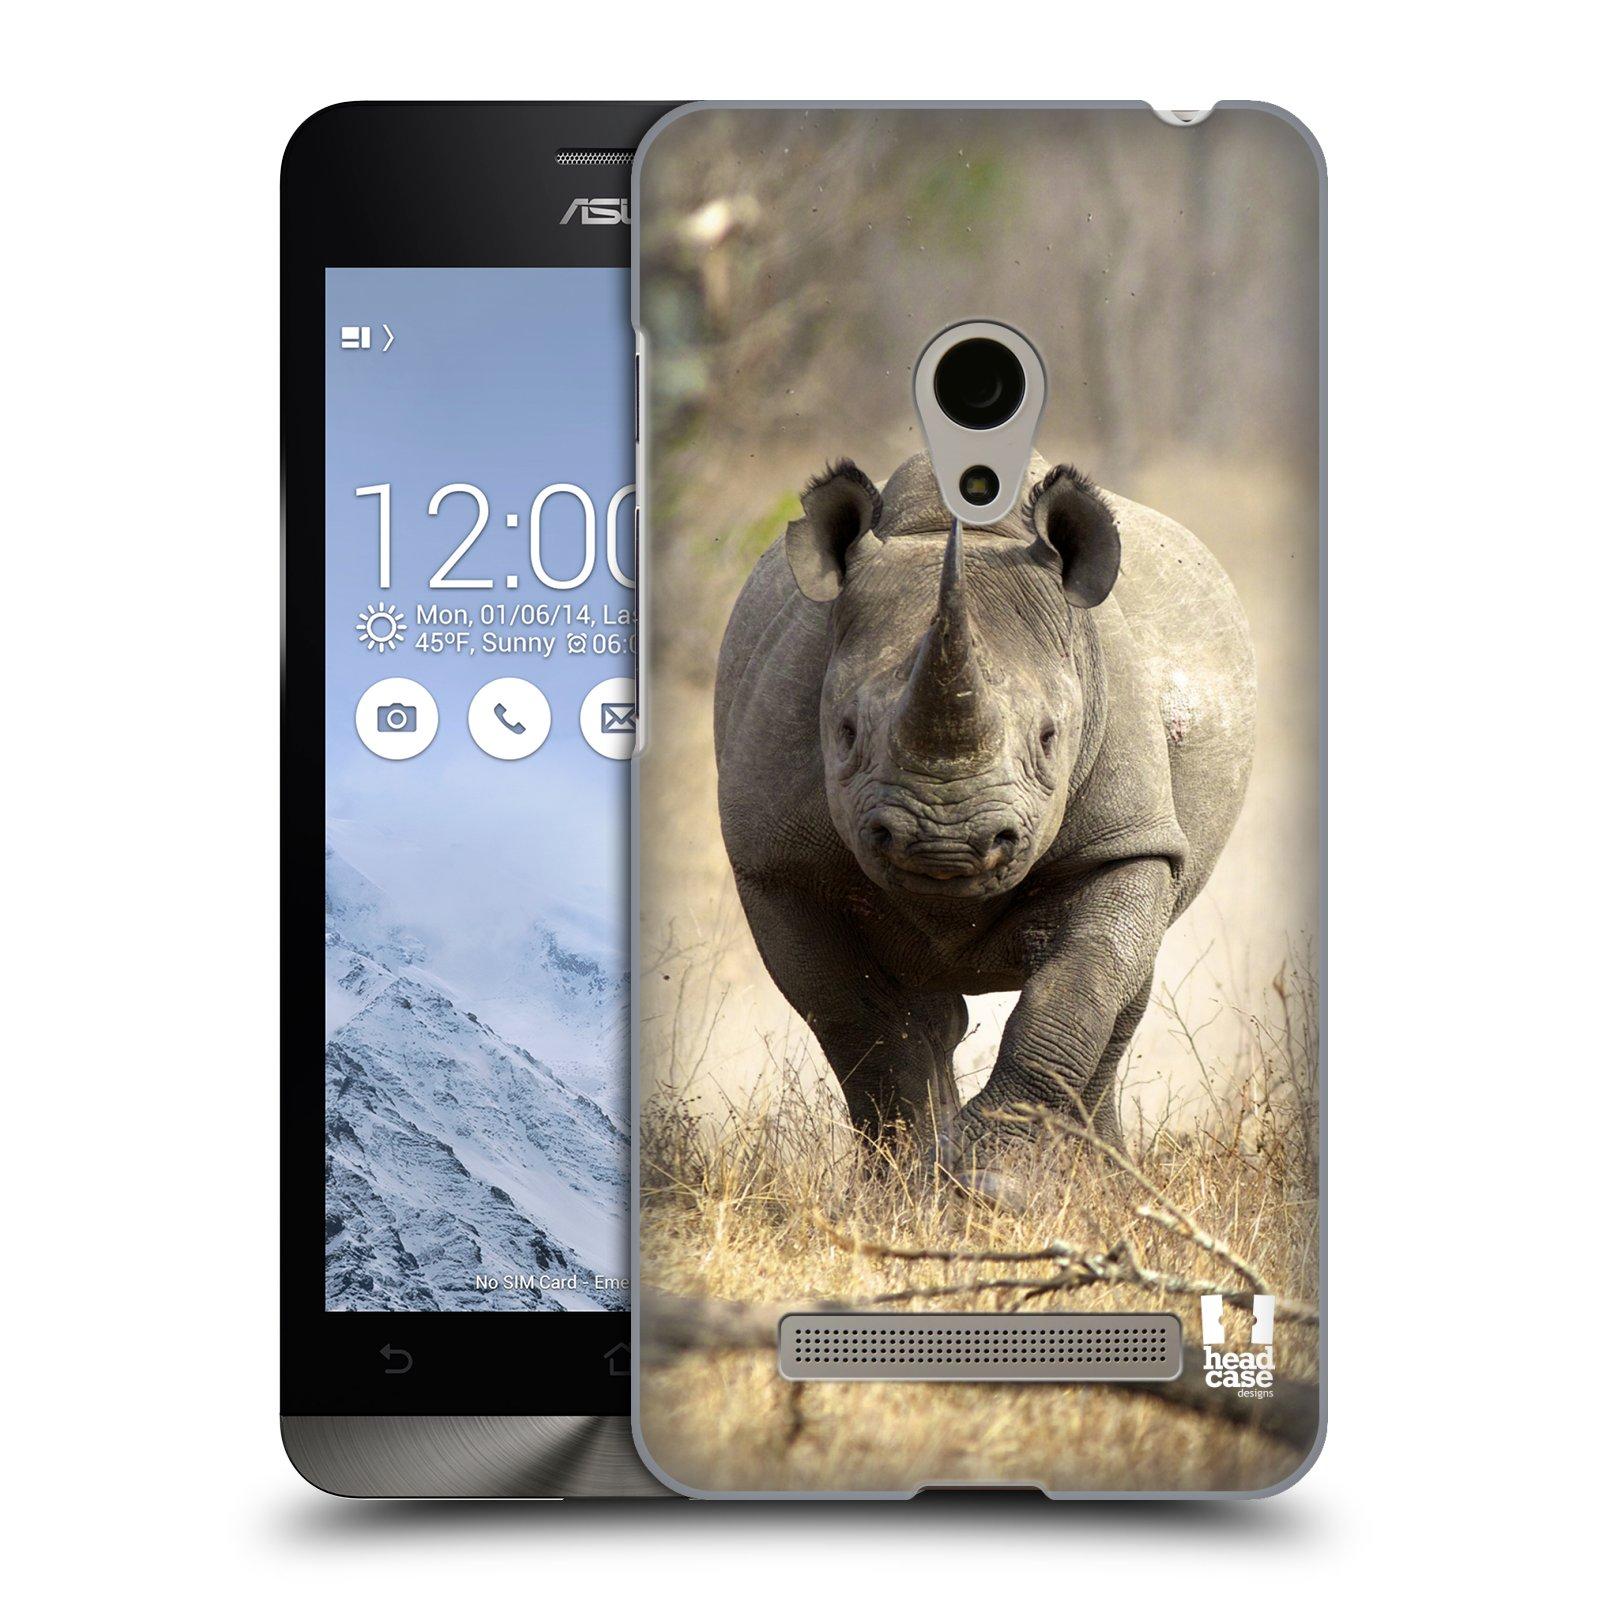 HEAD CASE plastový obal na mobil Asus Zenfone 5 vzor Divočina, Divoký život a zvířata foto AFRIKA BĚŽÍCÍ NOSOROŽEC